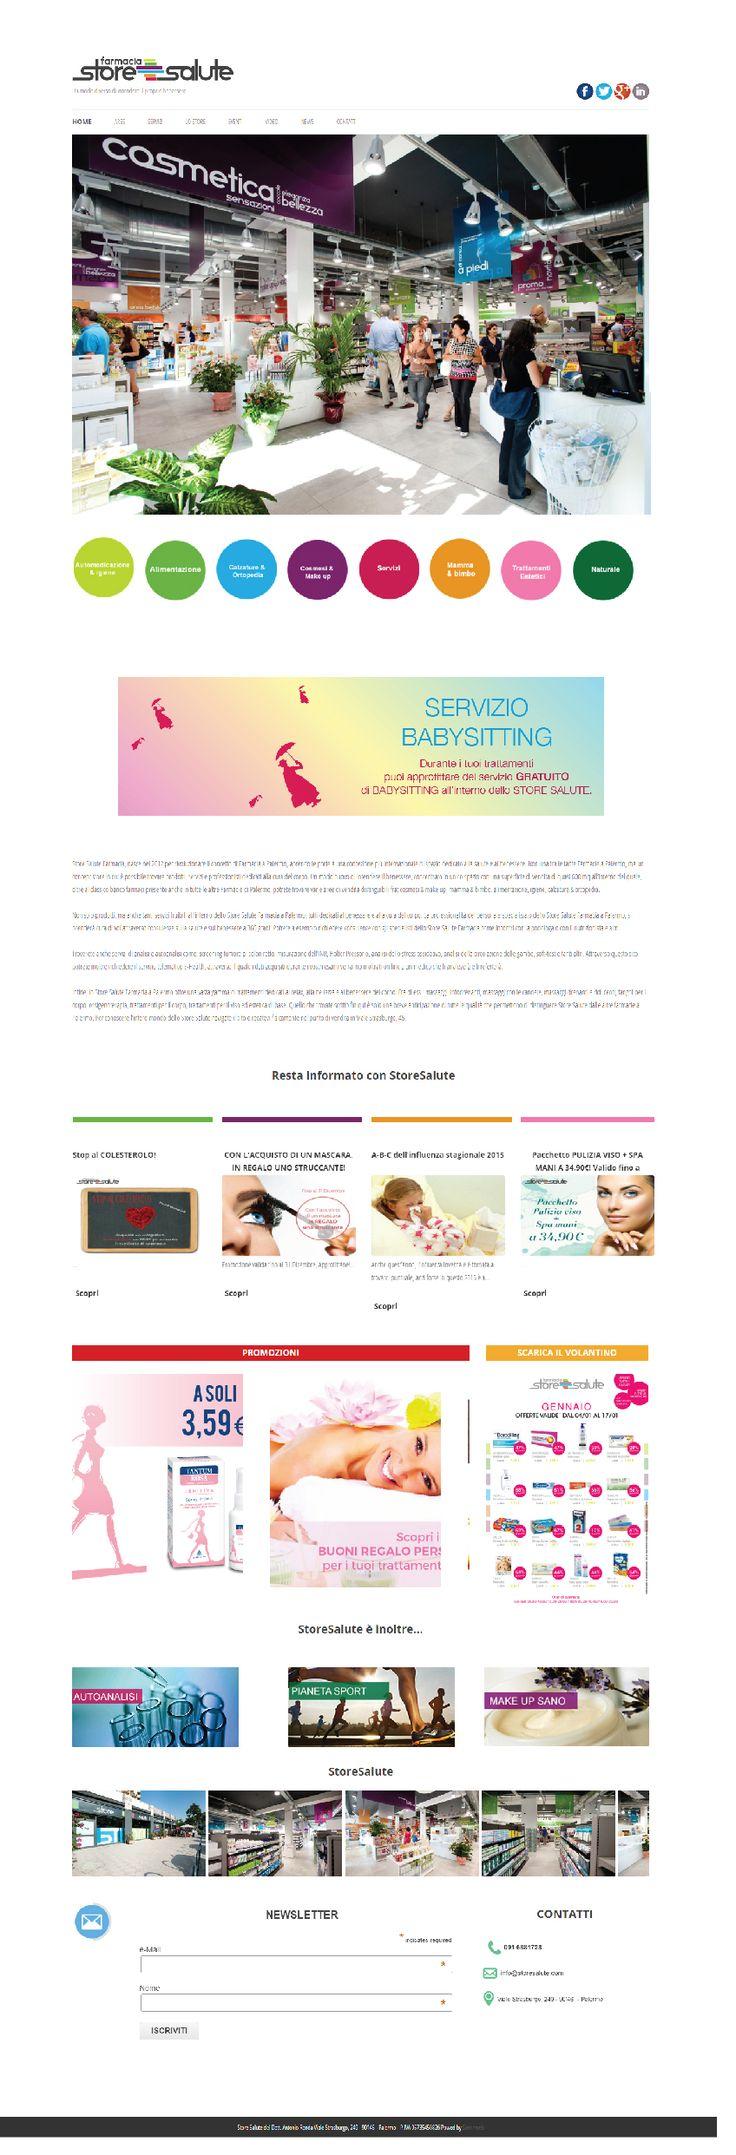 Sito #web realizzato con #Wordpress per Store Salute Farmacia